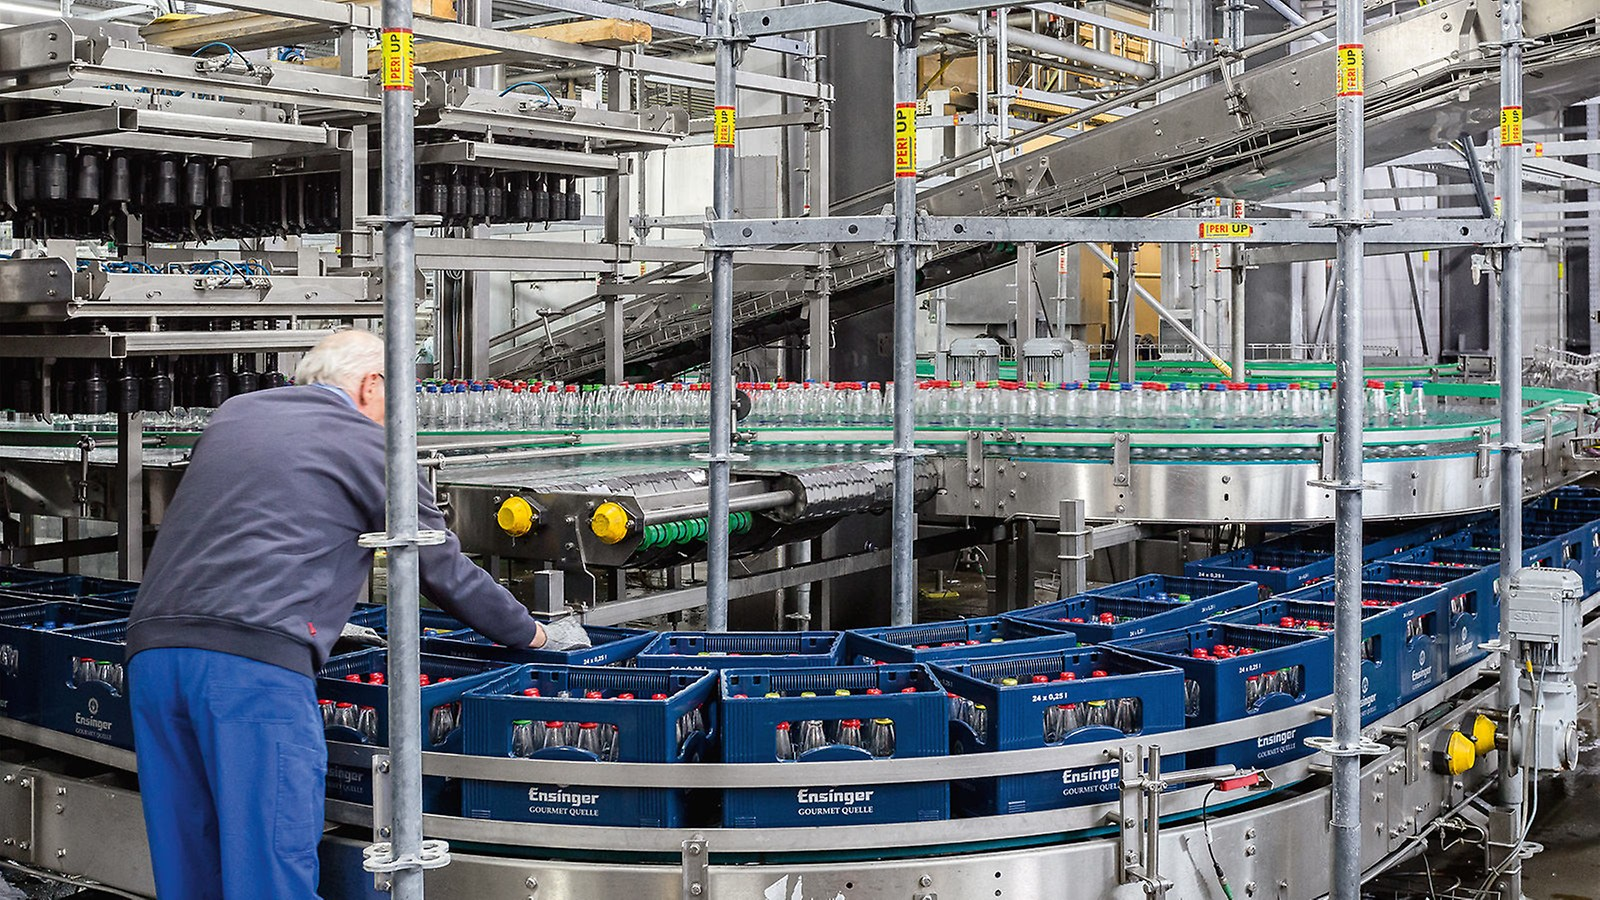 Der Produktionsbetrieb konnte trotz der umfangreichen Modernisierungsmaßnahme nahezu ungestört fortgeführt werden.